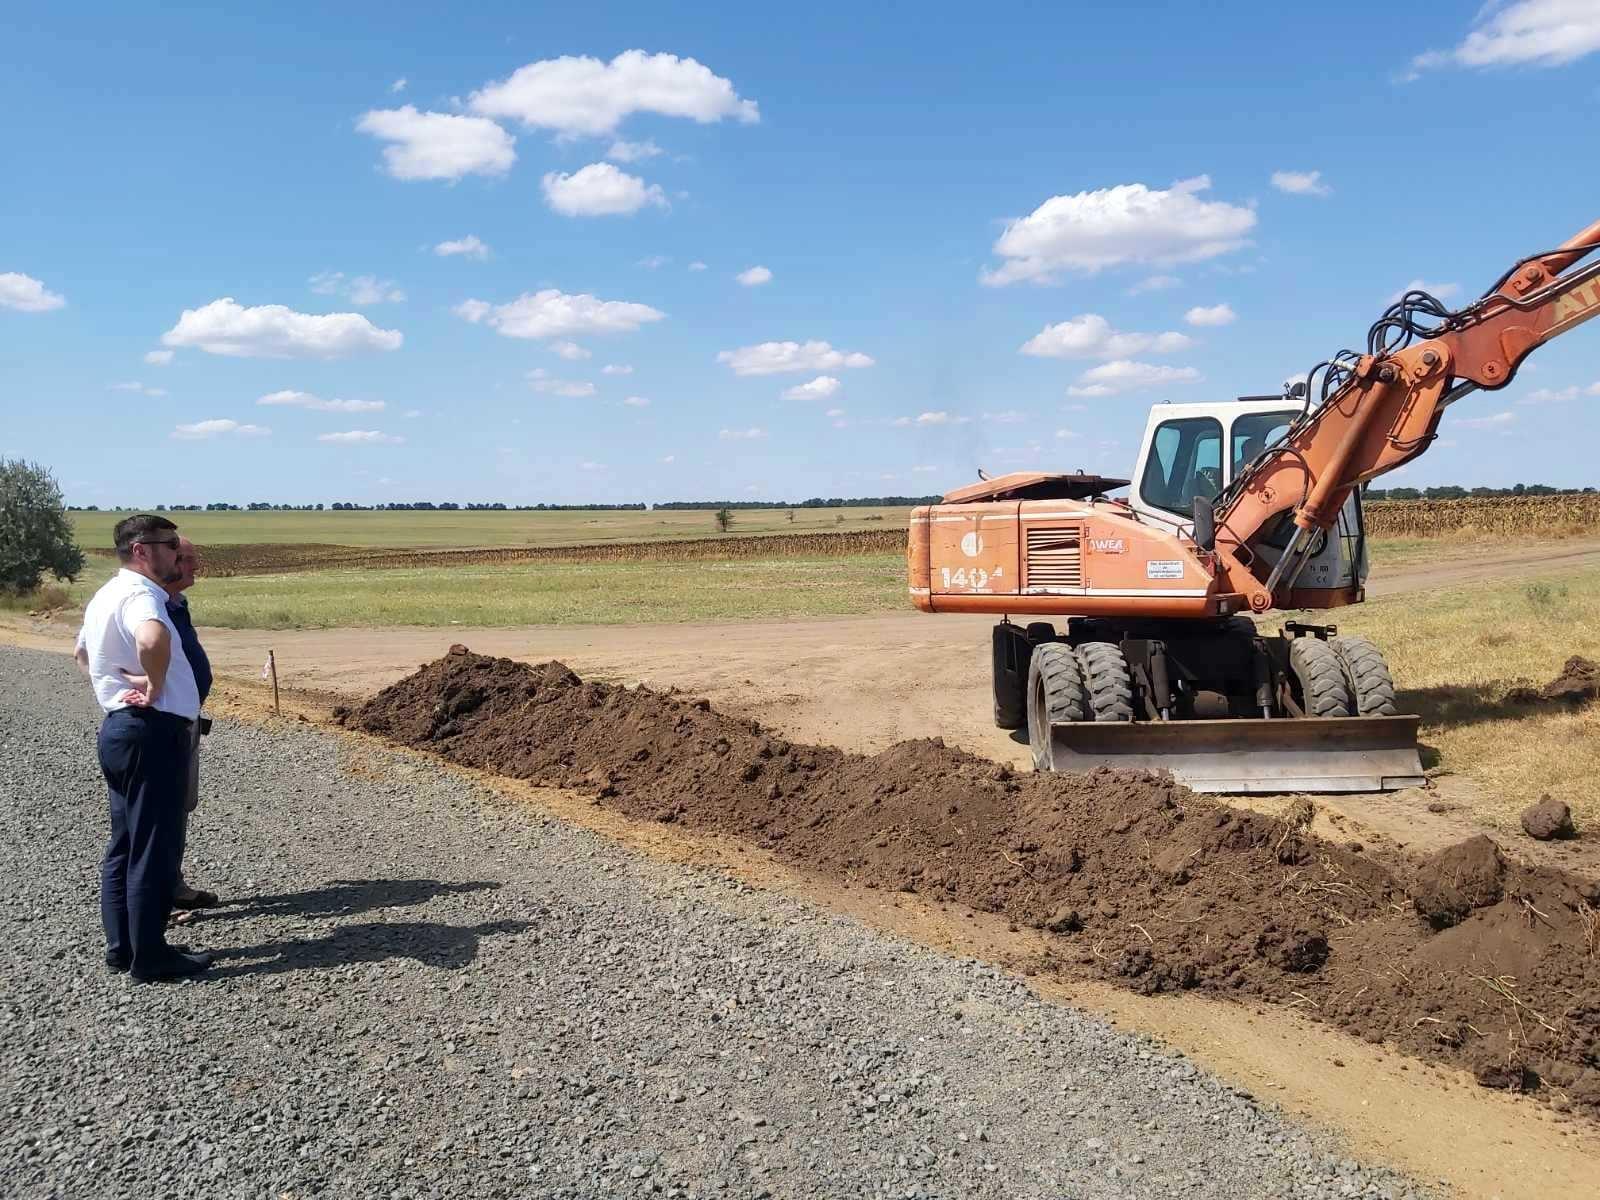 Продолжается ремонт автодороги, соединяющей Болград и Арциз. До конца года планируется обновление еще двух ее участков